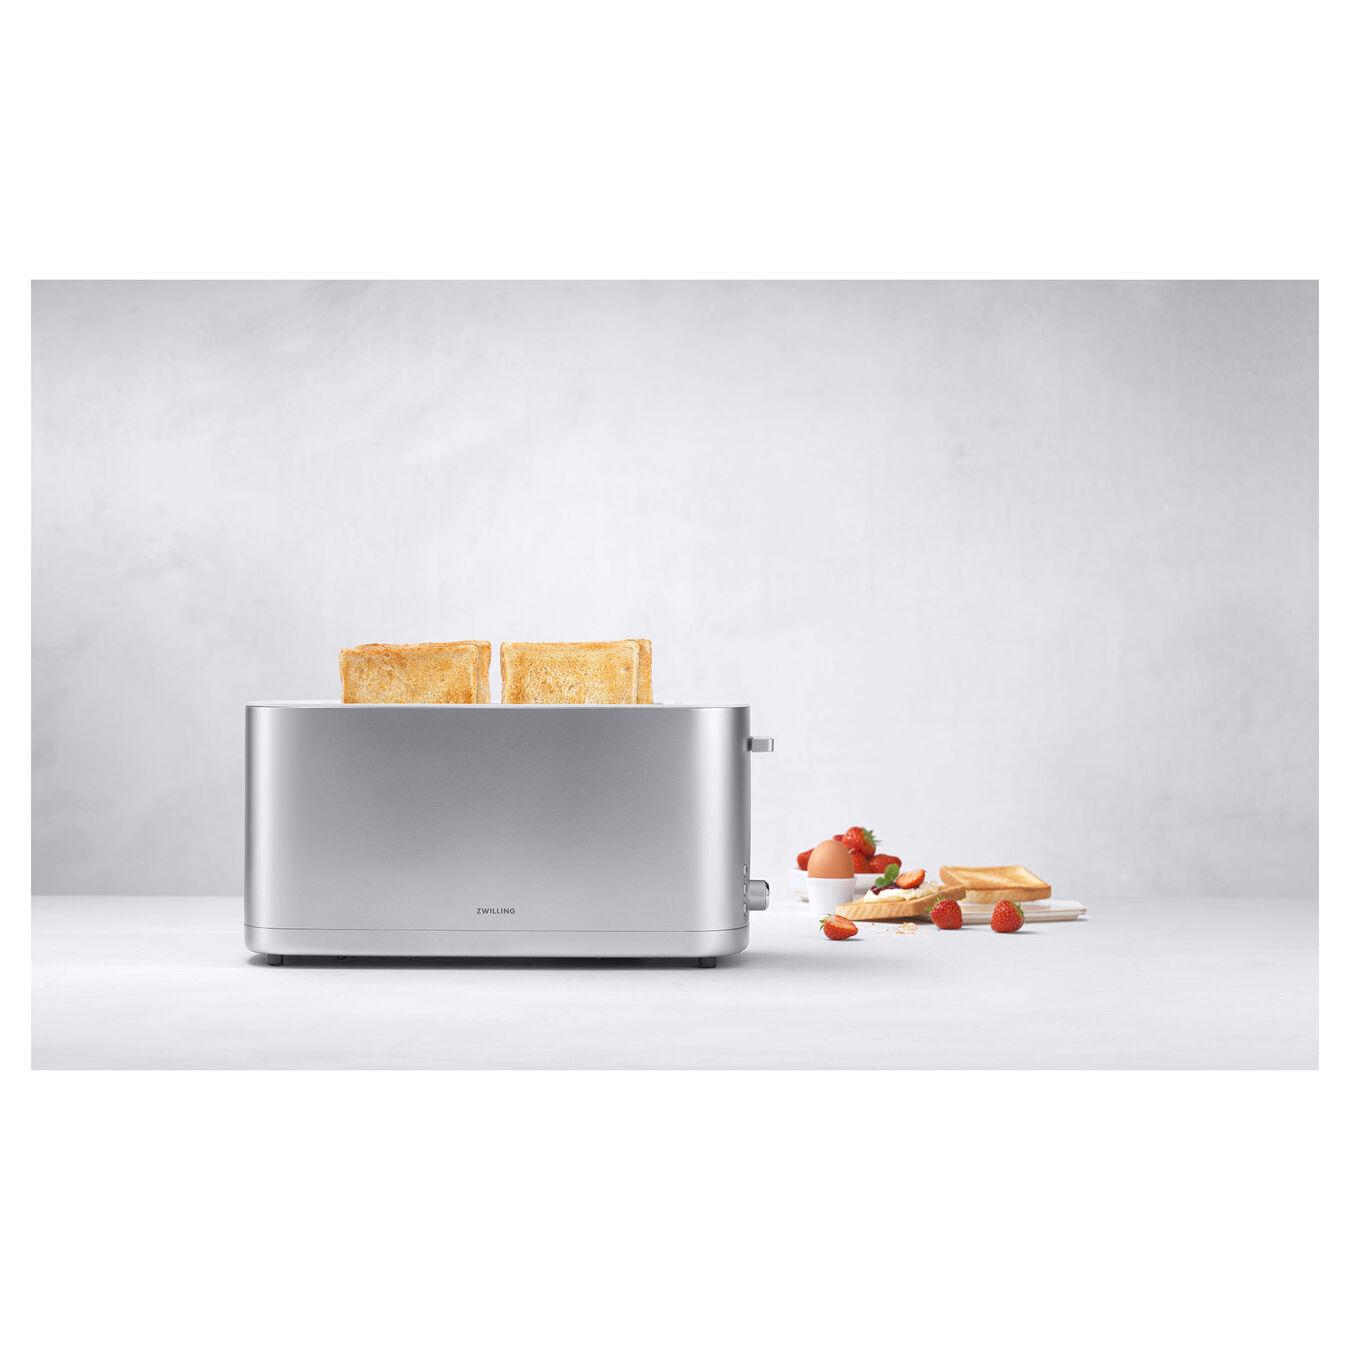 Grille pain Grille permettant de réchauffer des petits-pains, 2 long slots, Argent,,large 3